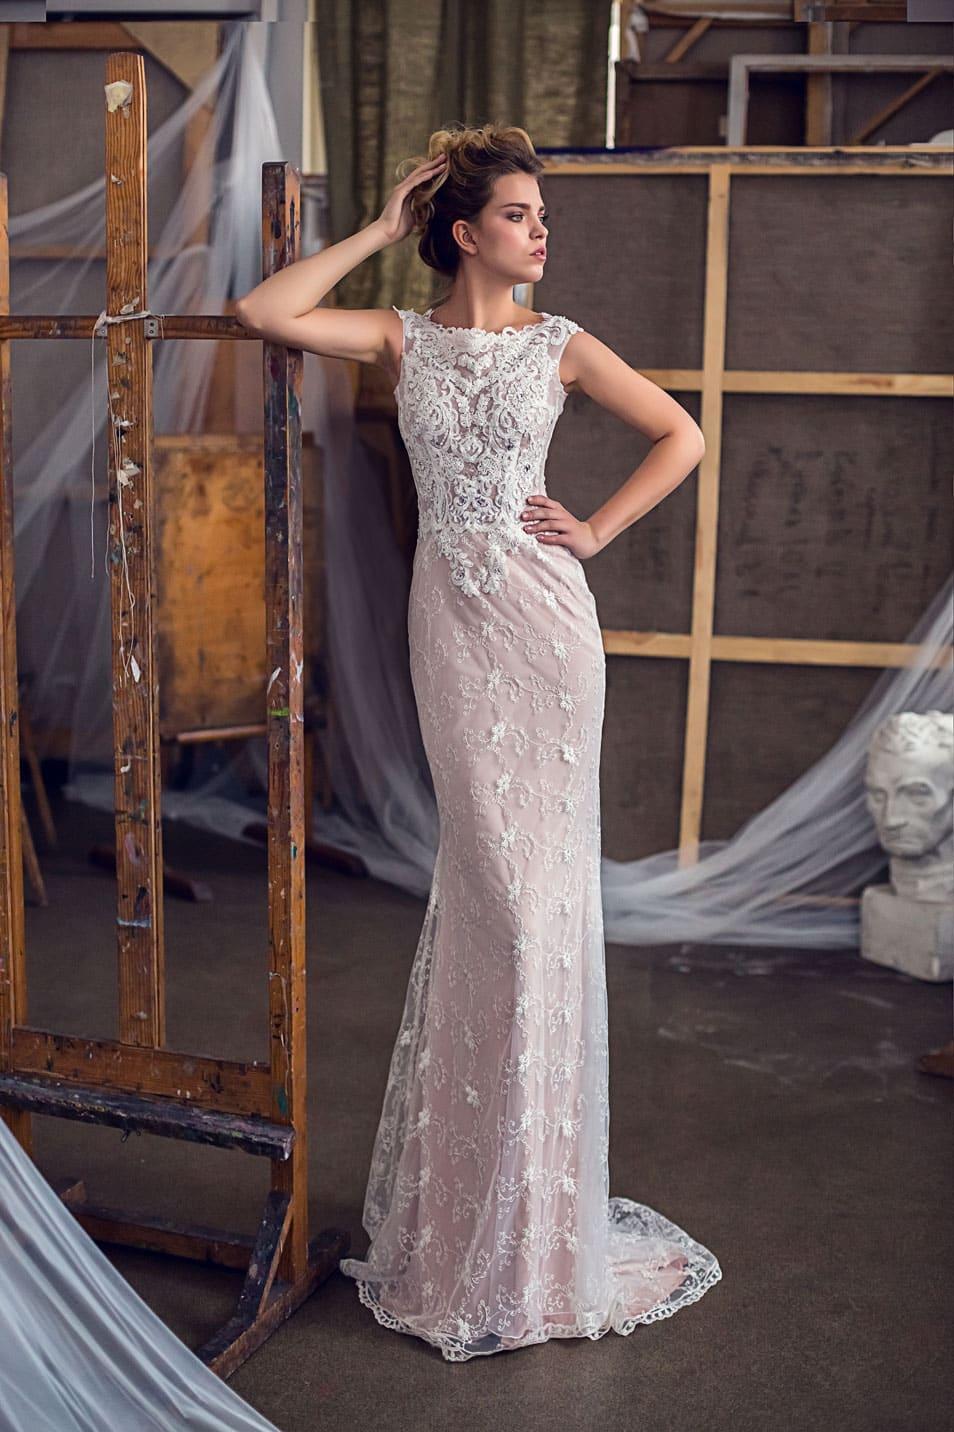 4a08aa782c8 Бежевое свадебное платье прямого кроя с округлым вырезом и широкими  бретелями.